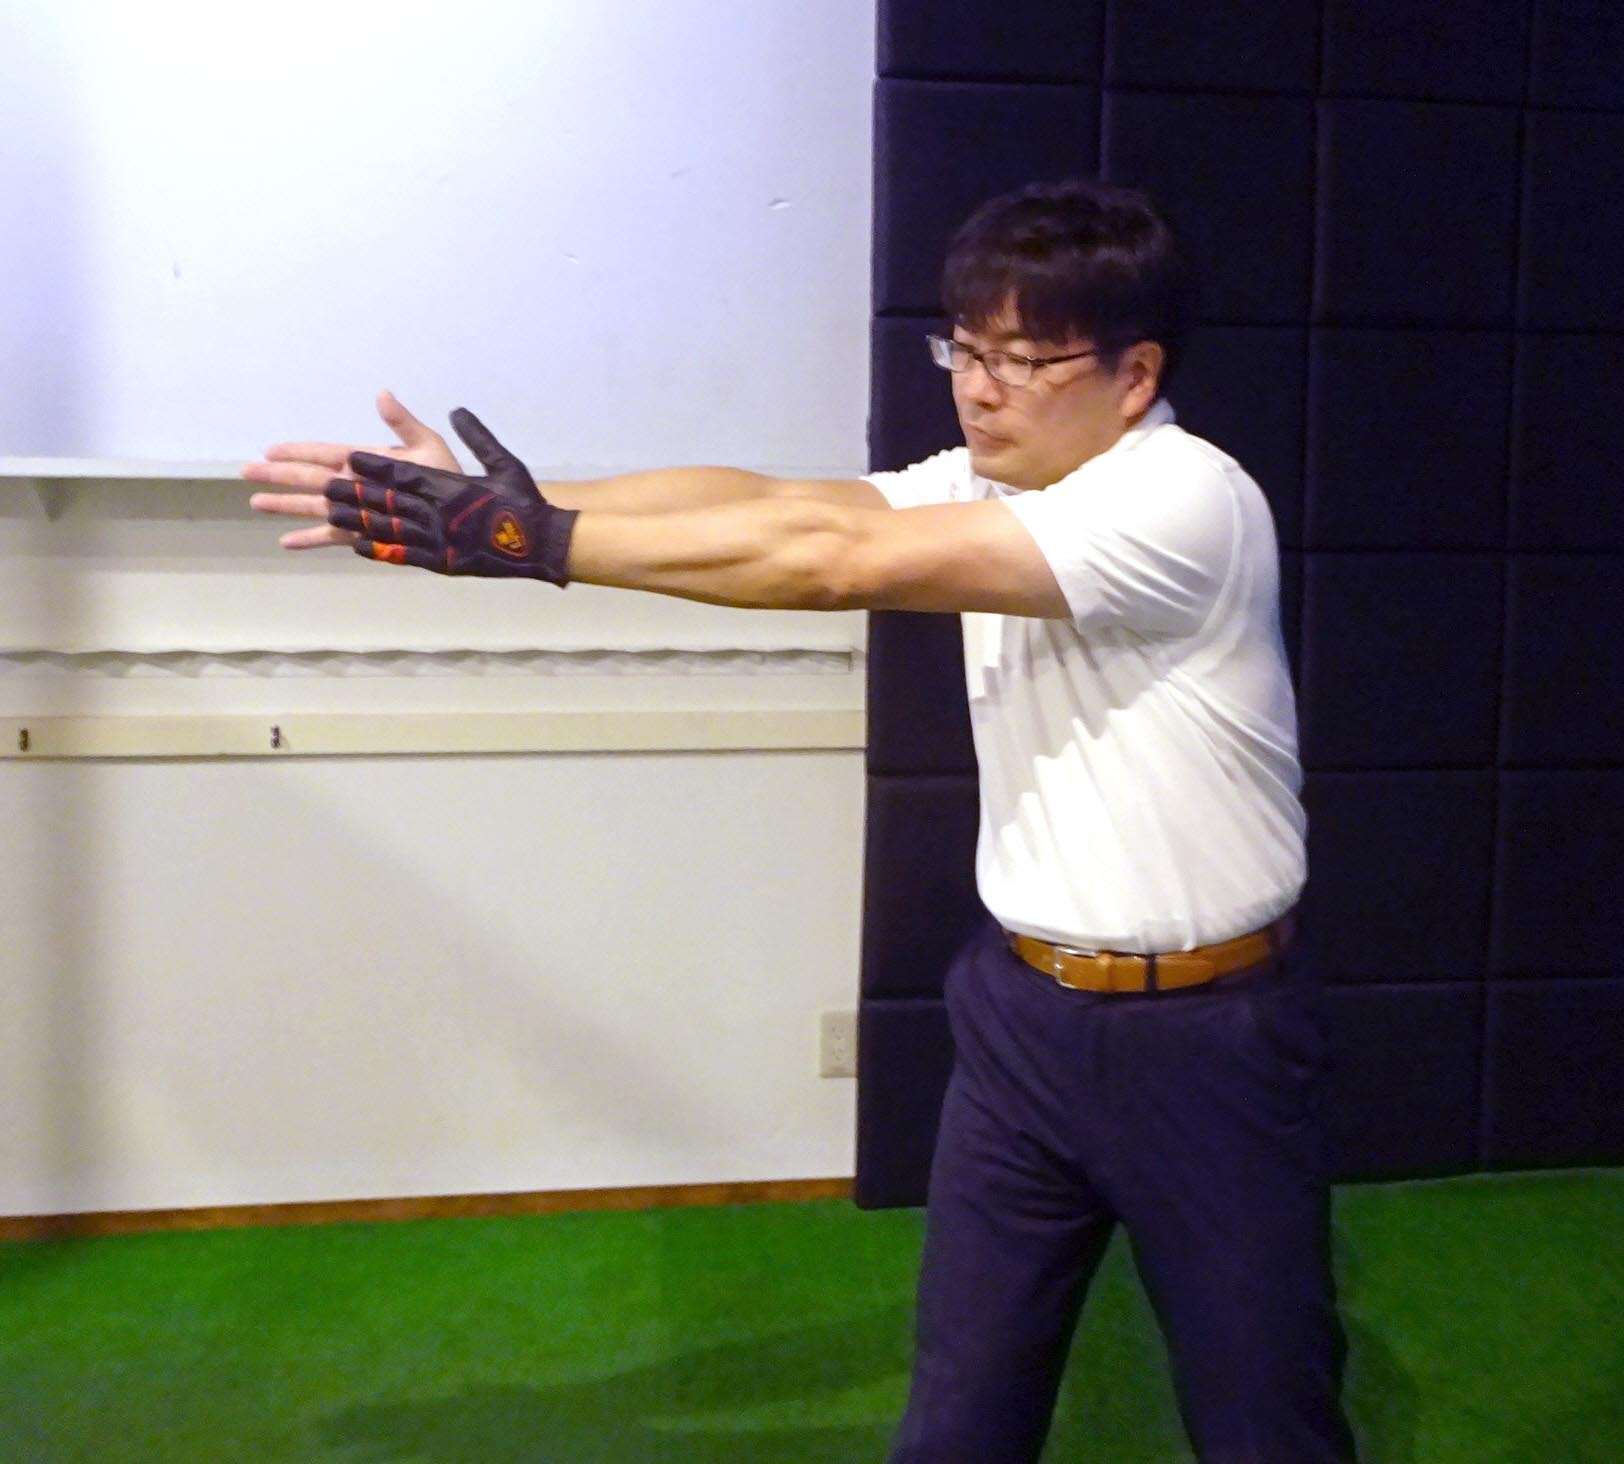 両腕を真っすぐ広げ、左手を右手のひらに合わせてみる。無意識にやると右手の指先が余った